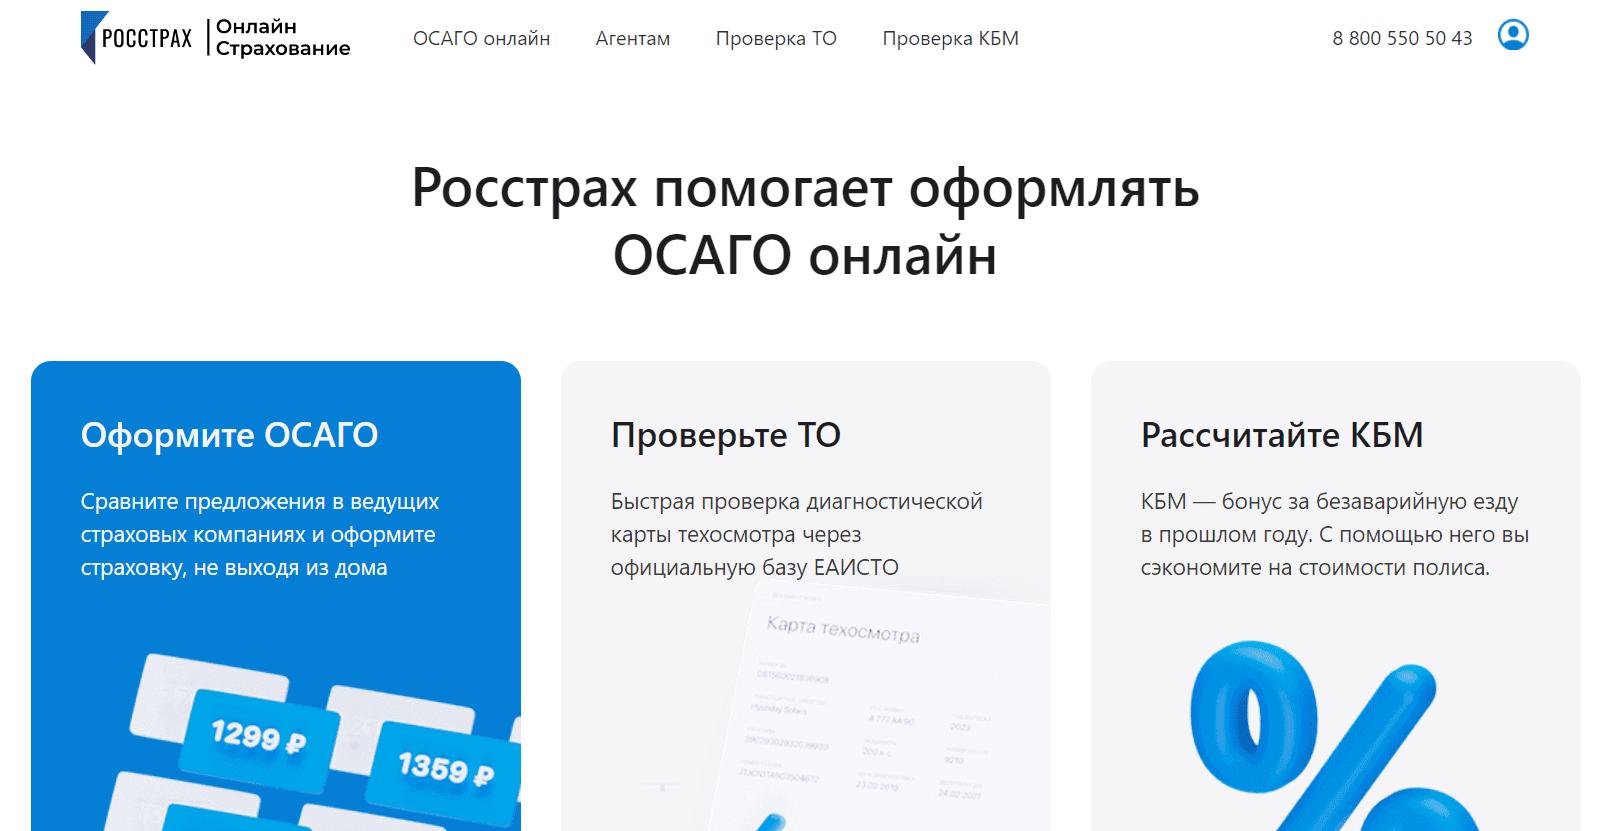 Полный SEO/Юзабилити аудит сервиса онлайн-страхования - кейс iPapus Agency